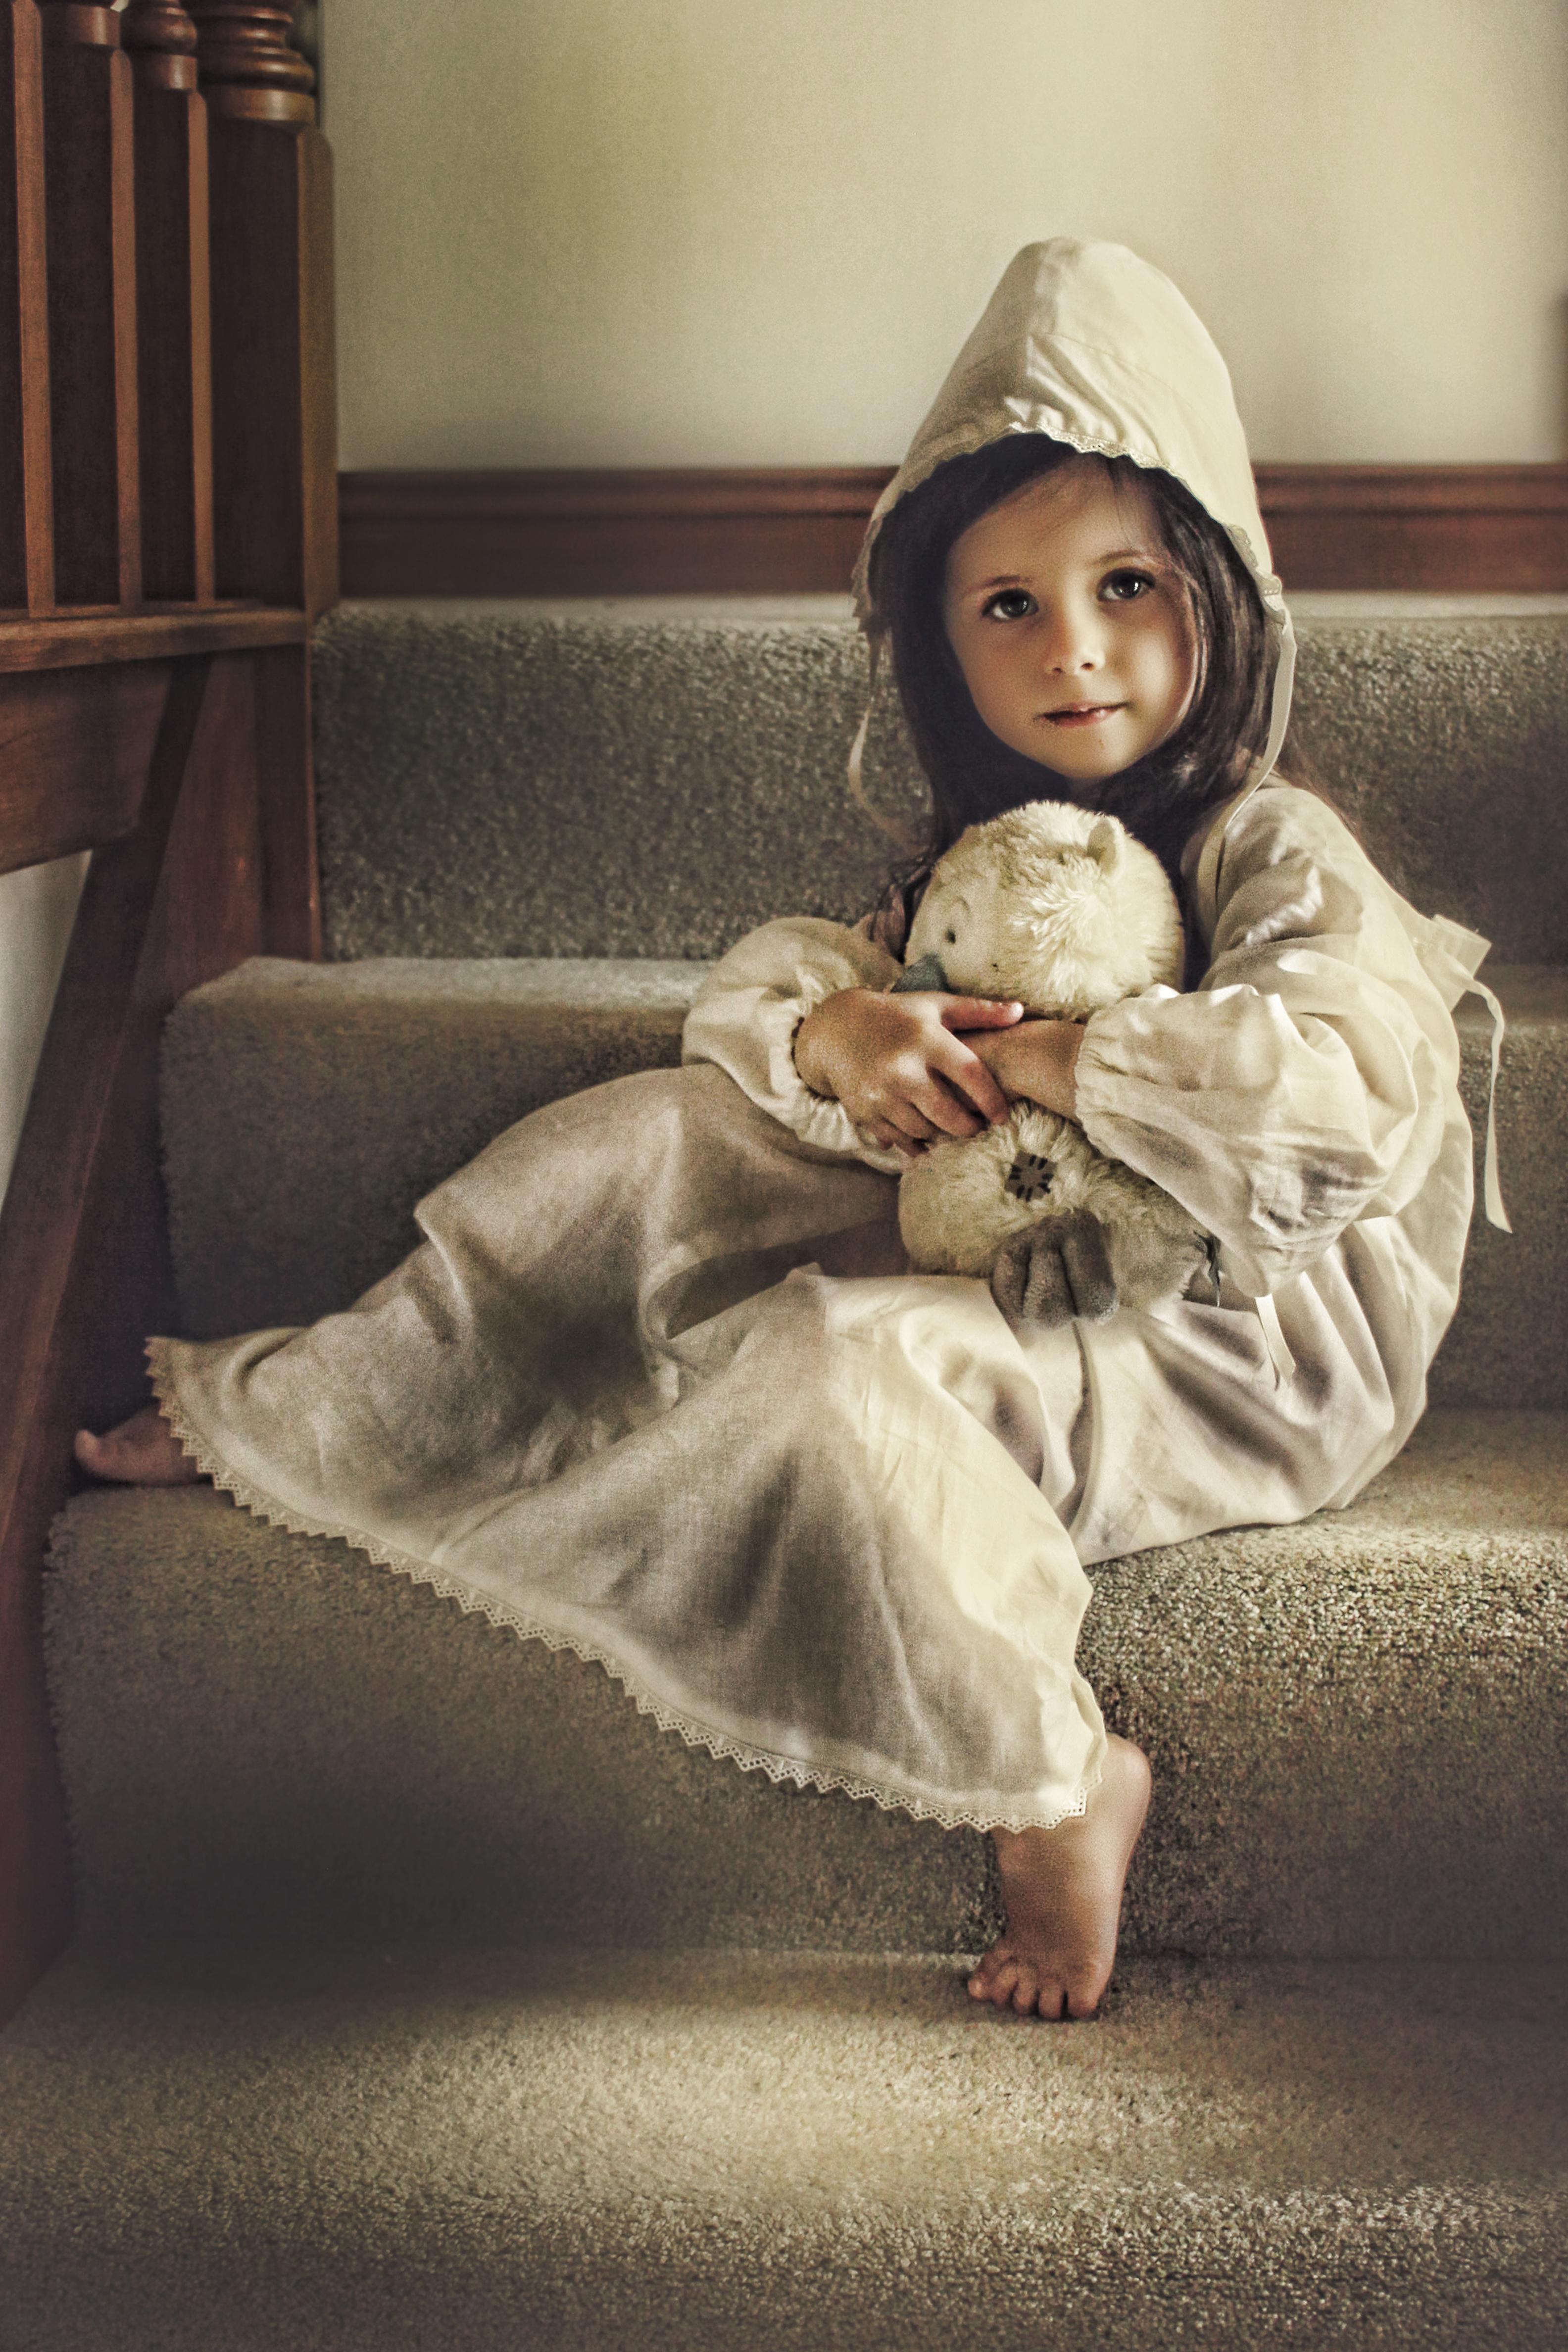 Vintage Child portrait